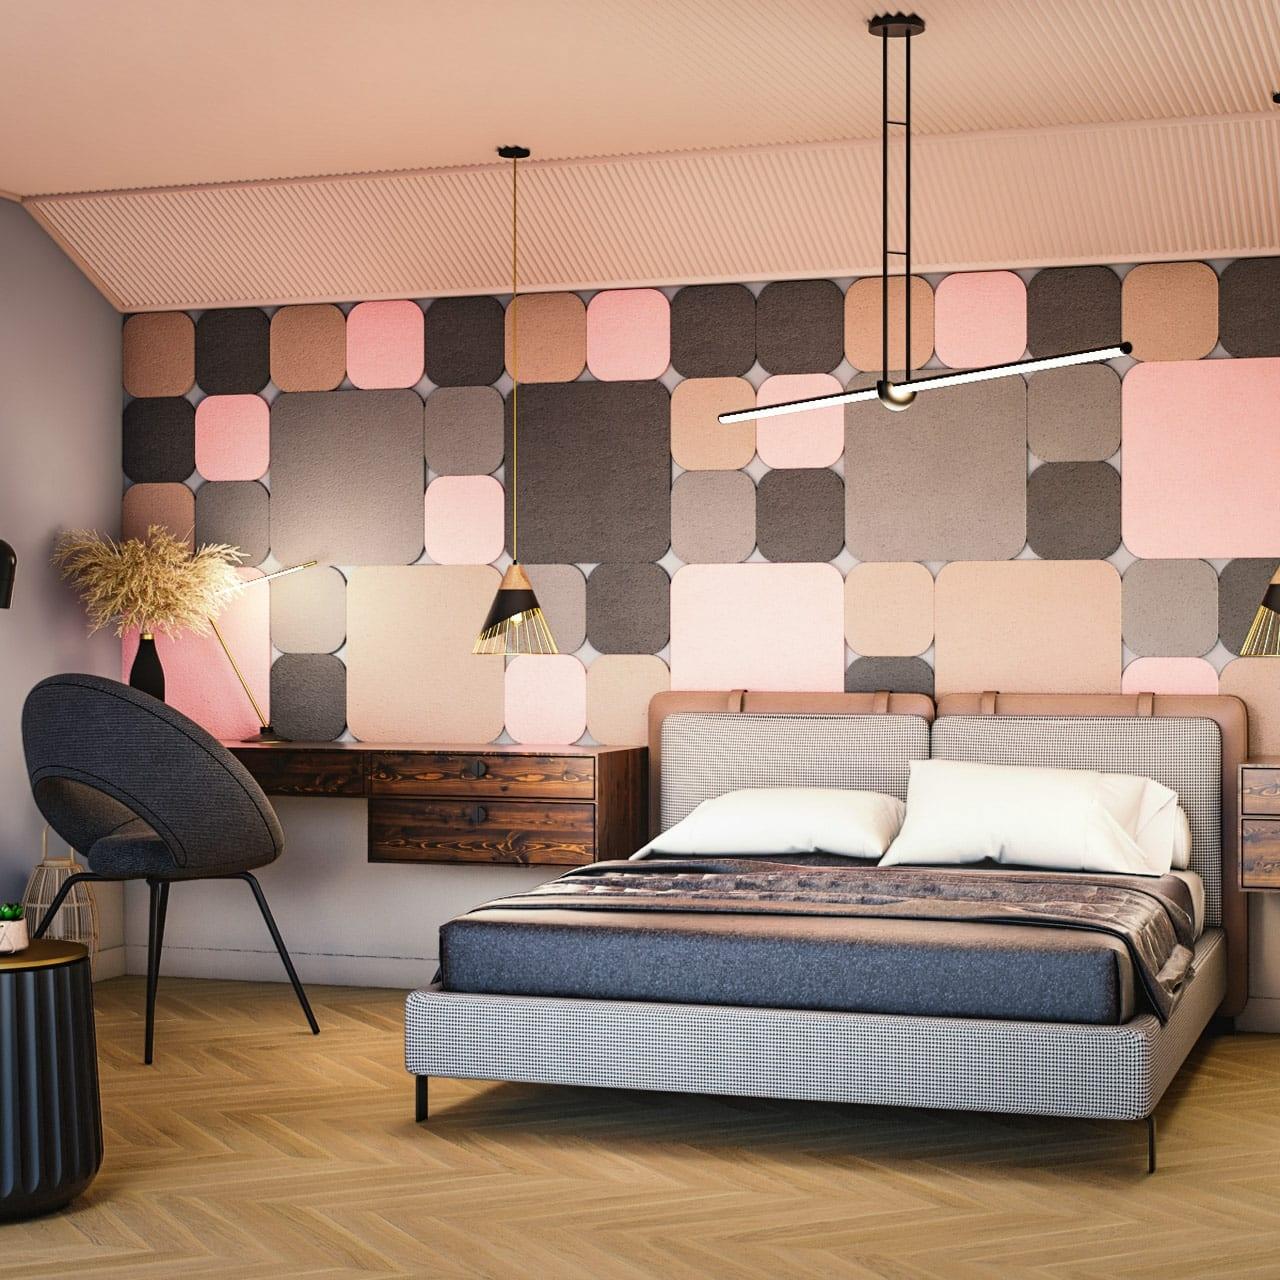 Panel dekoracyjny dźwiękochłonny EcoPET i filc EcoFelt jako wyciszenie na ścianie w sypialni